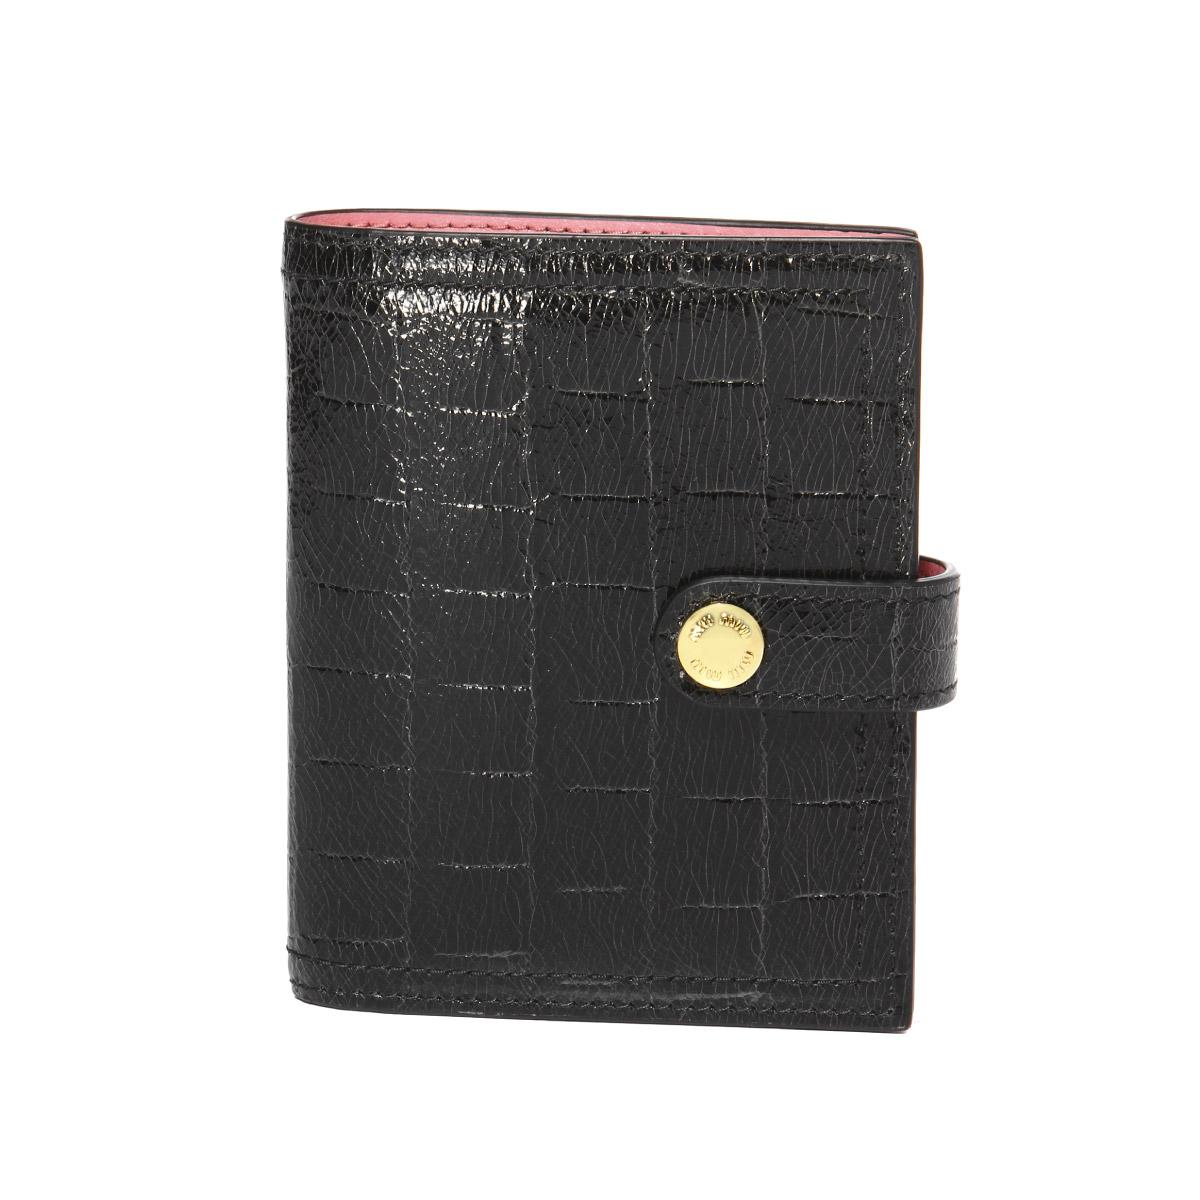 ミュウ ミュウ MIU MIU 財布 レディース 5MV016 NKG F0WG3 二つ折り財布 ST.COCCO LUX NERO/PETALO ブラック